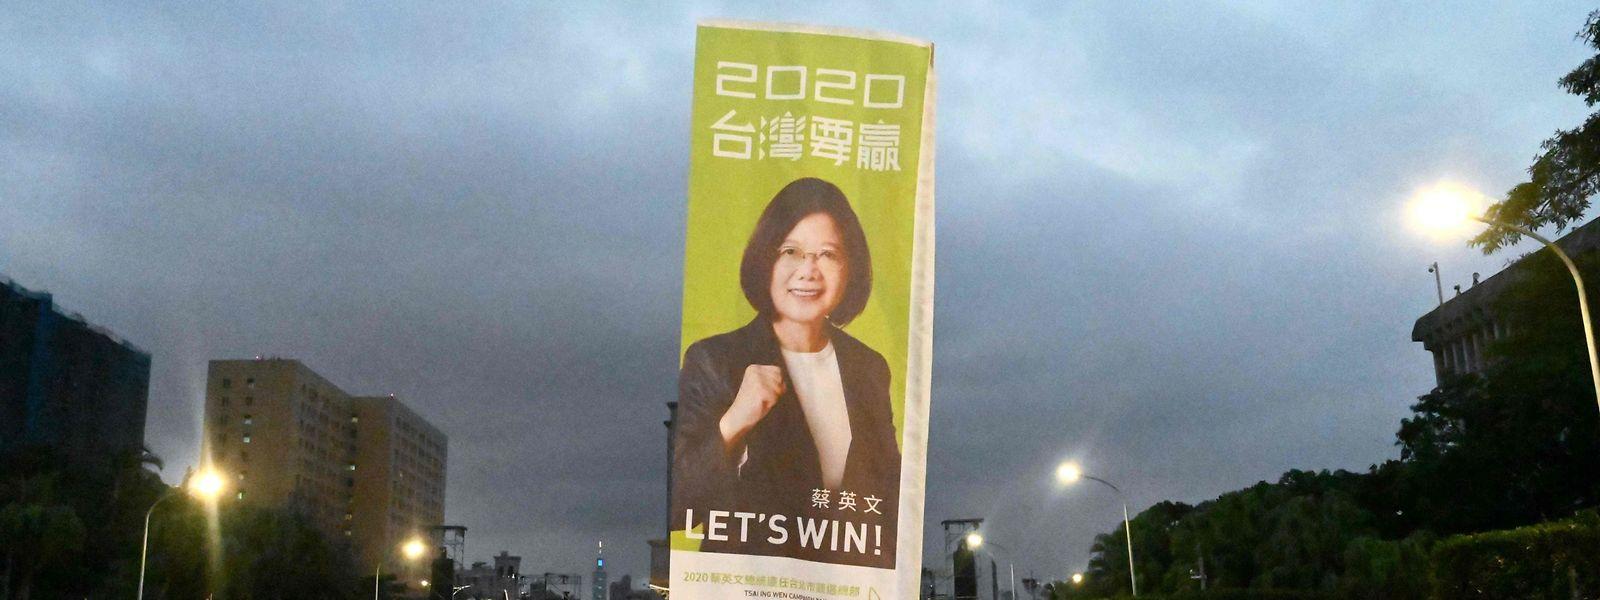 Unterstützer der taiwanischen Präsidentin Tsai Ing-wen von der DPP während eines Wahlkampfauftritts.